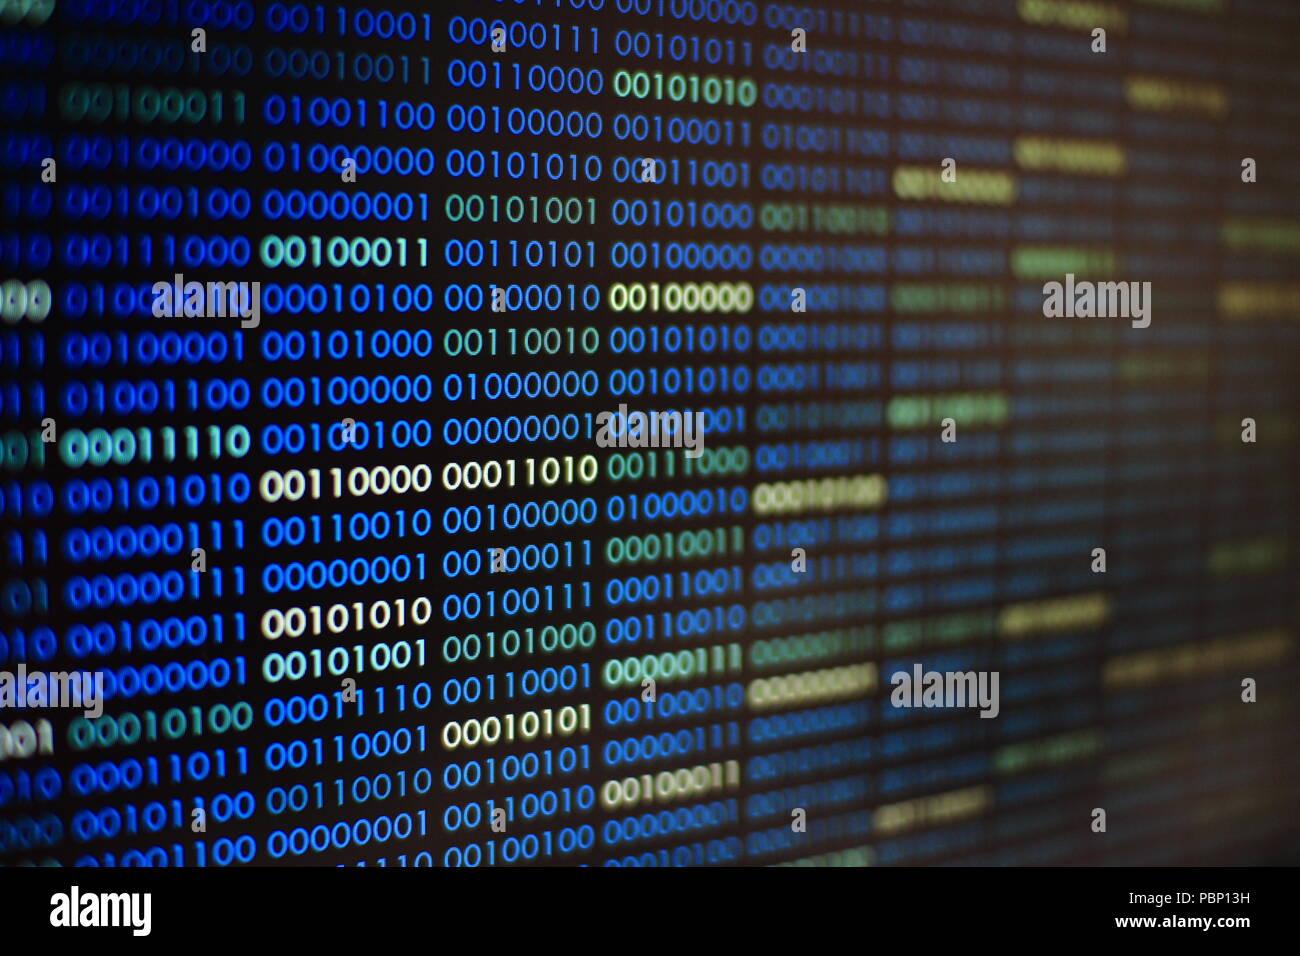 Blu codice binario. blocchi di dati binari. Concetto Blockchain. Sfondo blu con un computer digitale binario bit di codice numero uno e zero testo. Immagini Stock